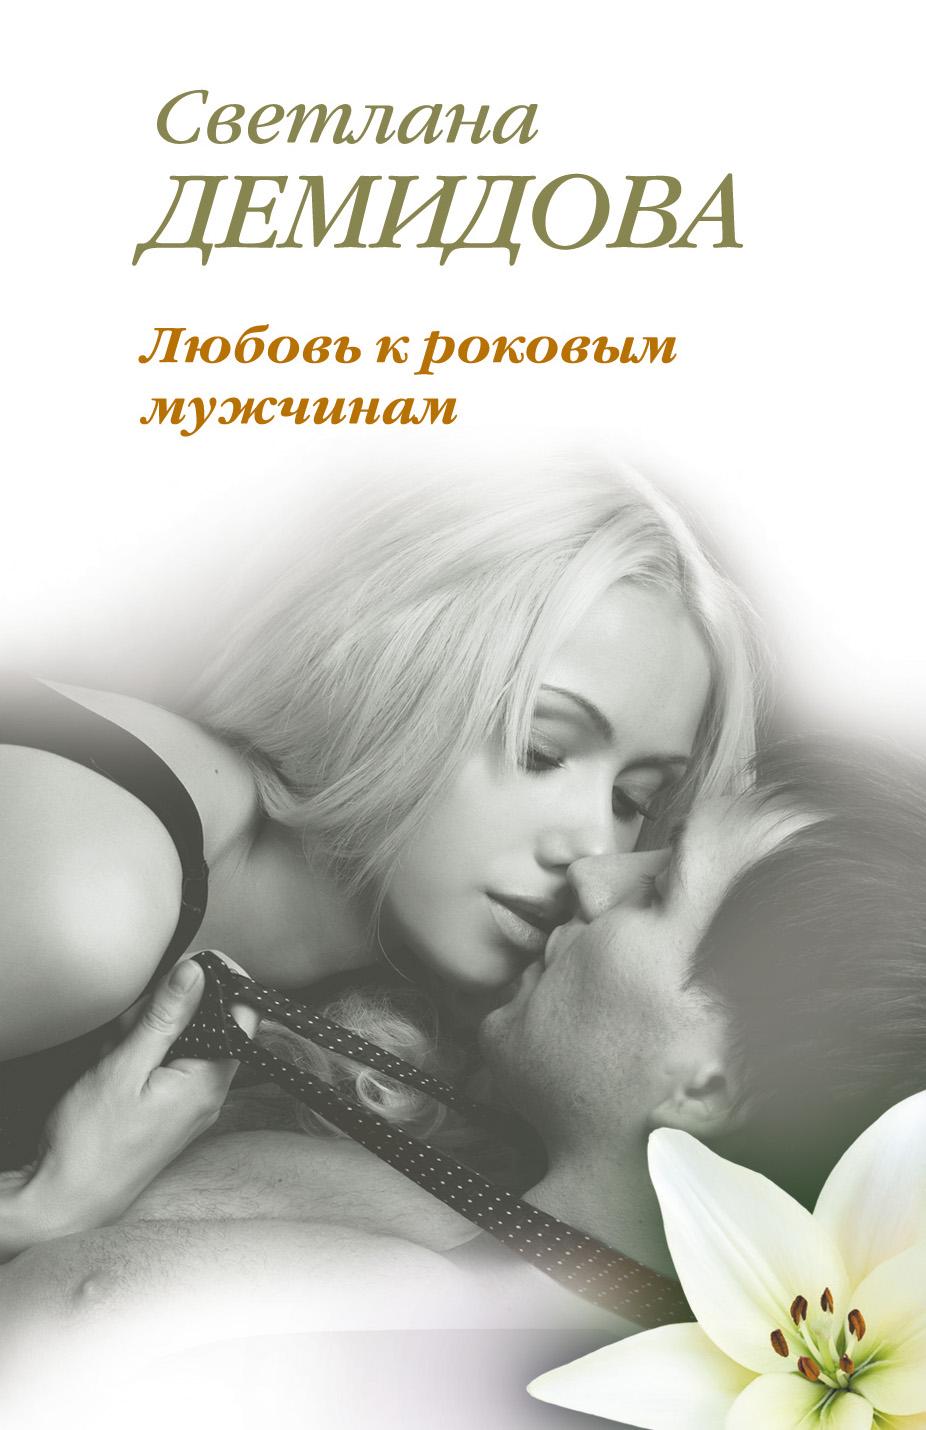 Светлана Демидова Любовь к роковым мужчинам хардинг б есть только любовь